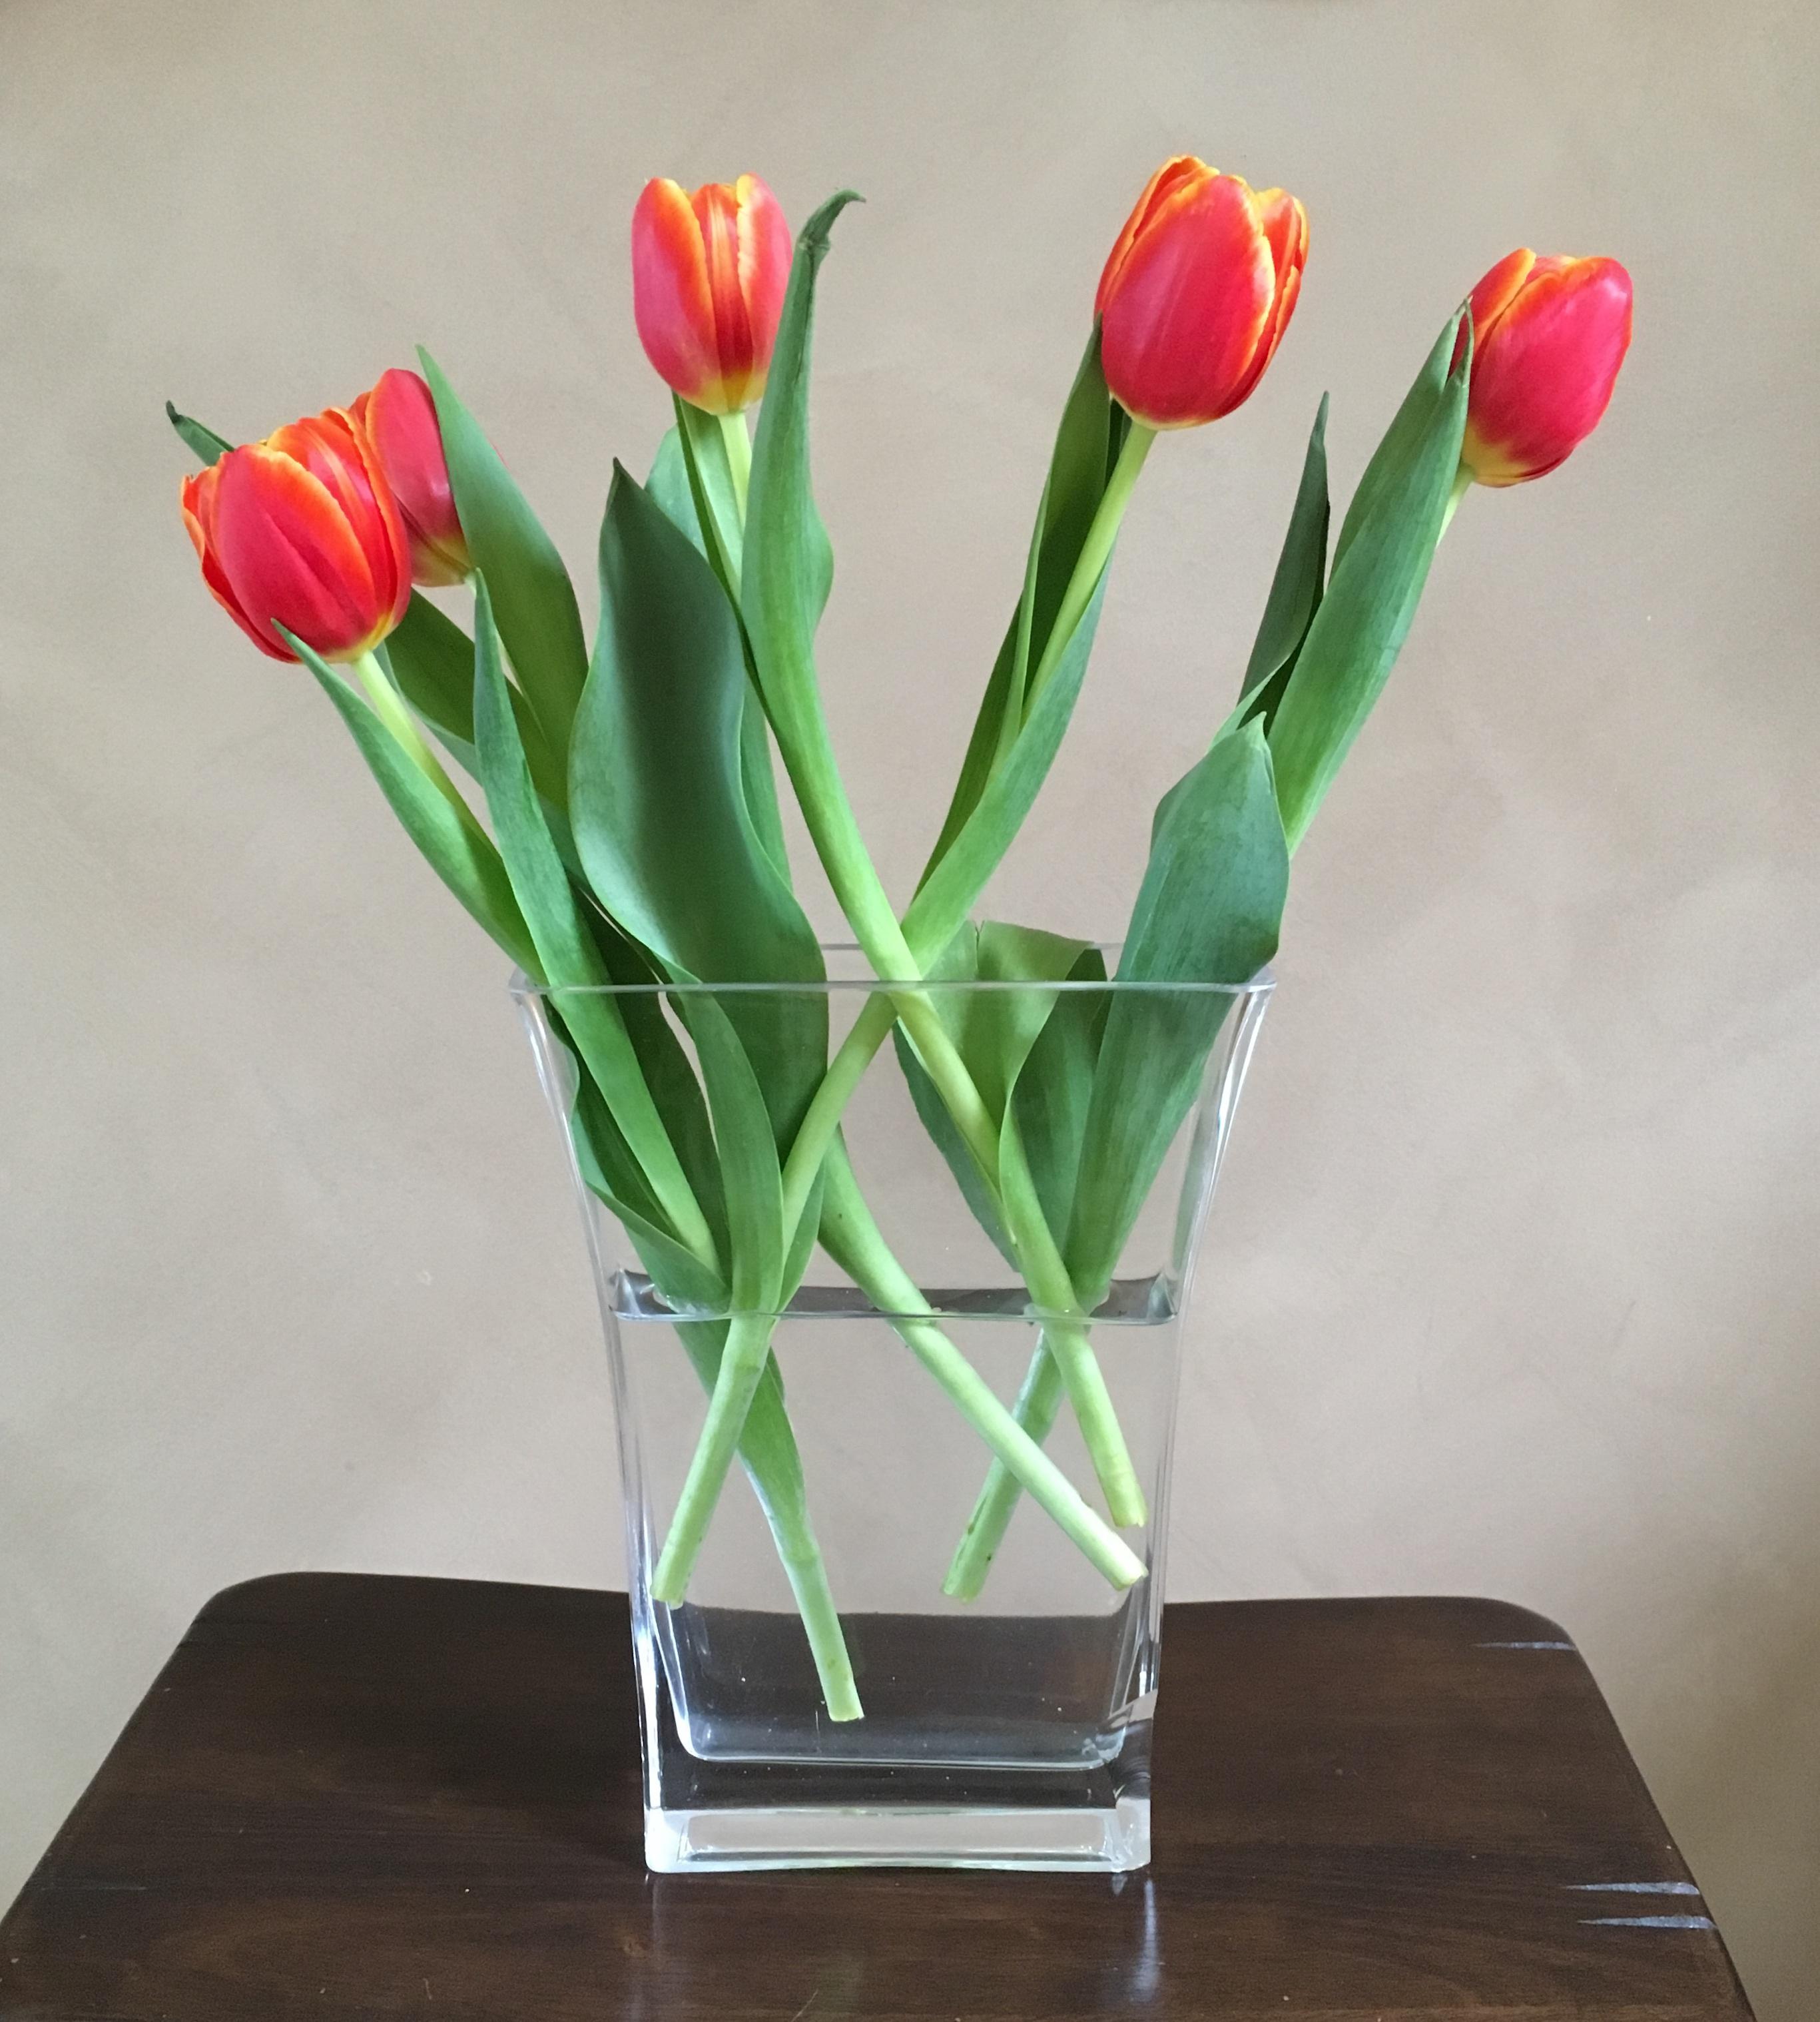 Banco de imagens plantar flor tulipa vaso flor stica - Cortar hierba alta ...